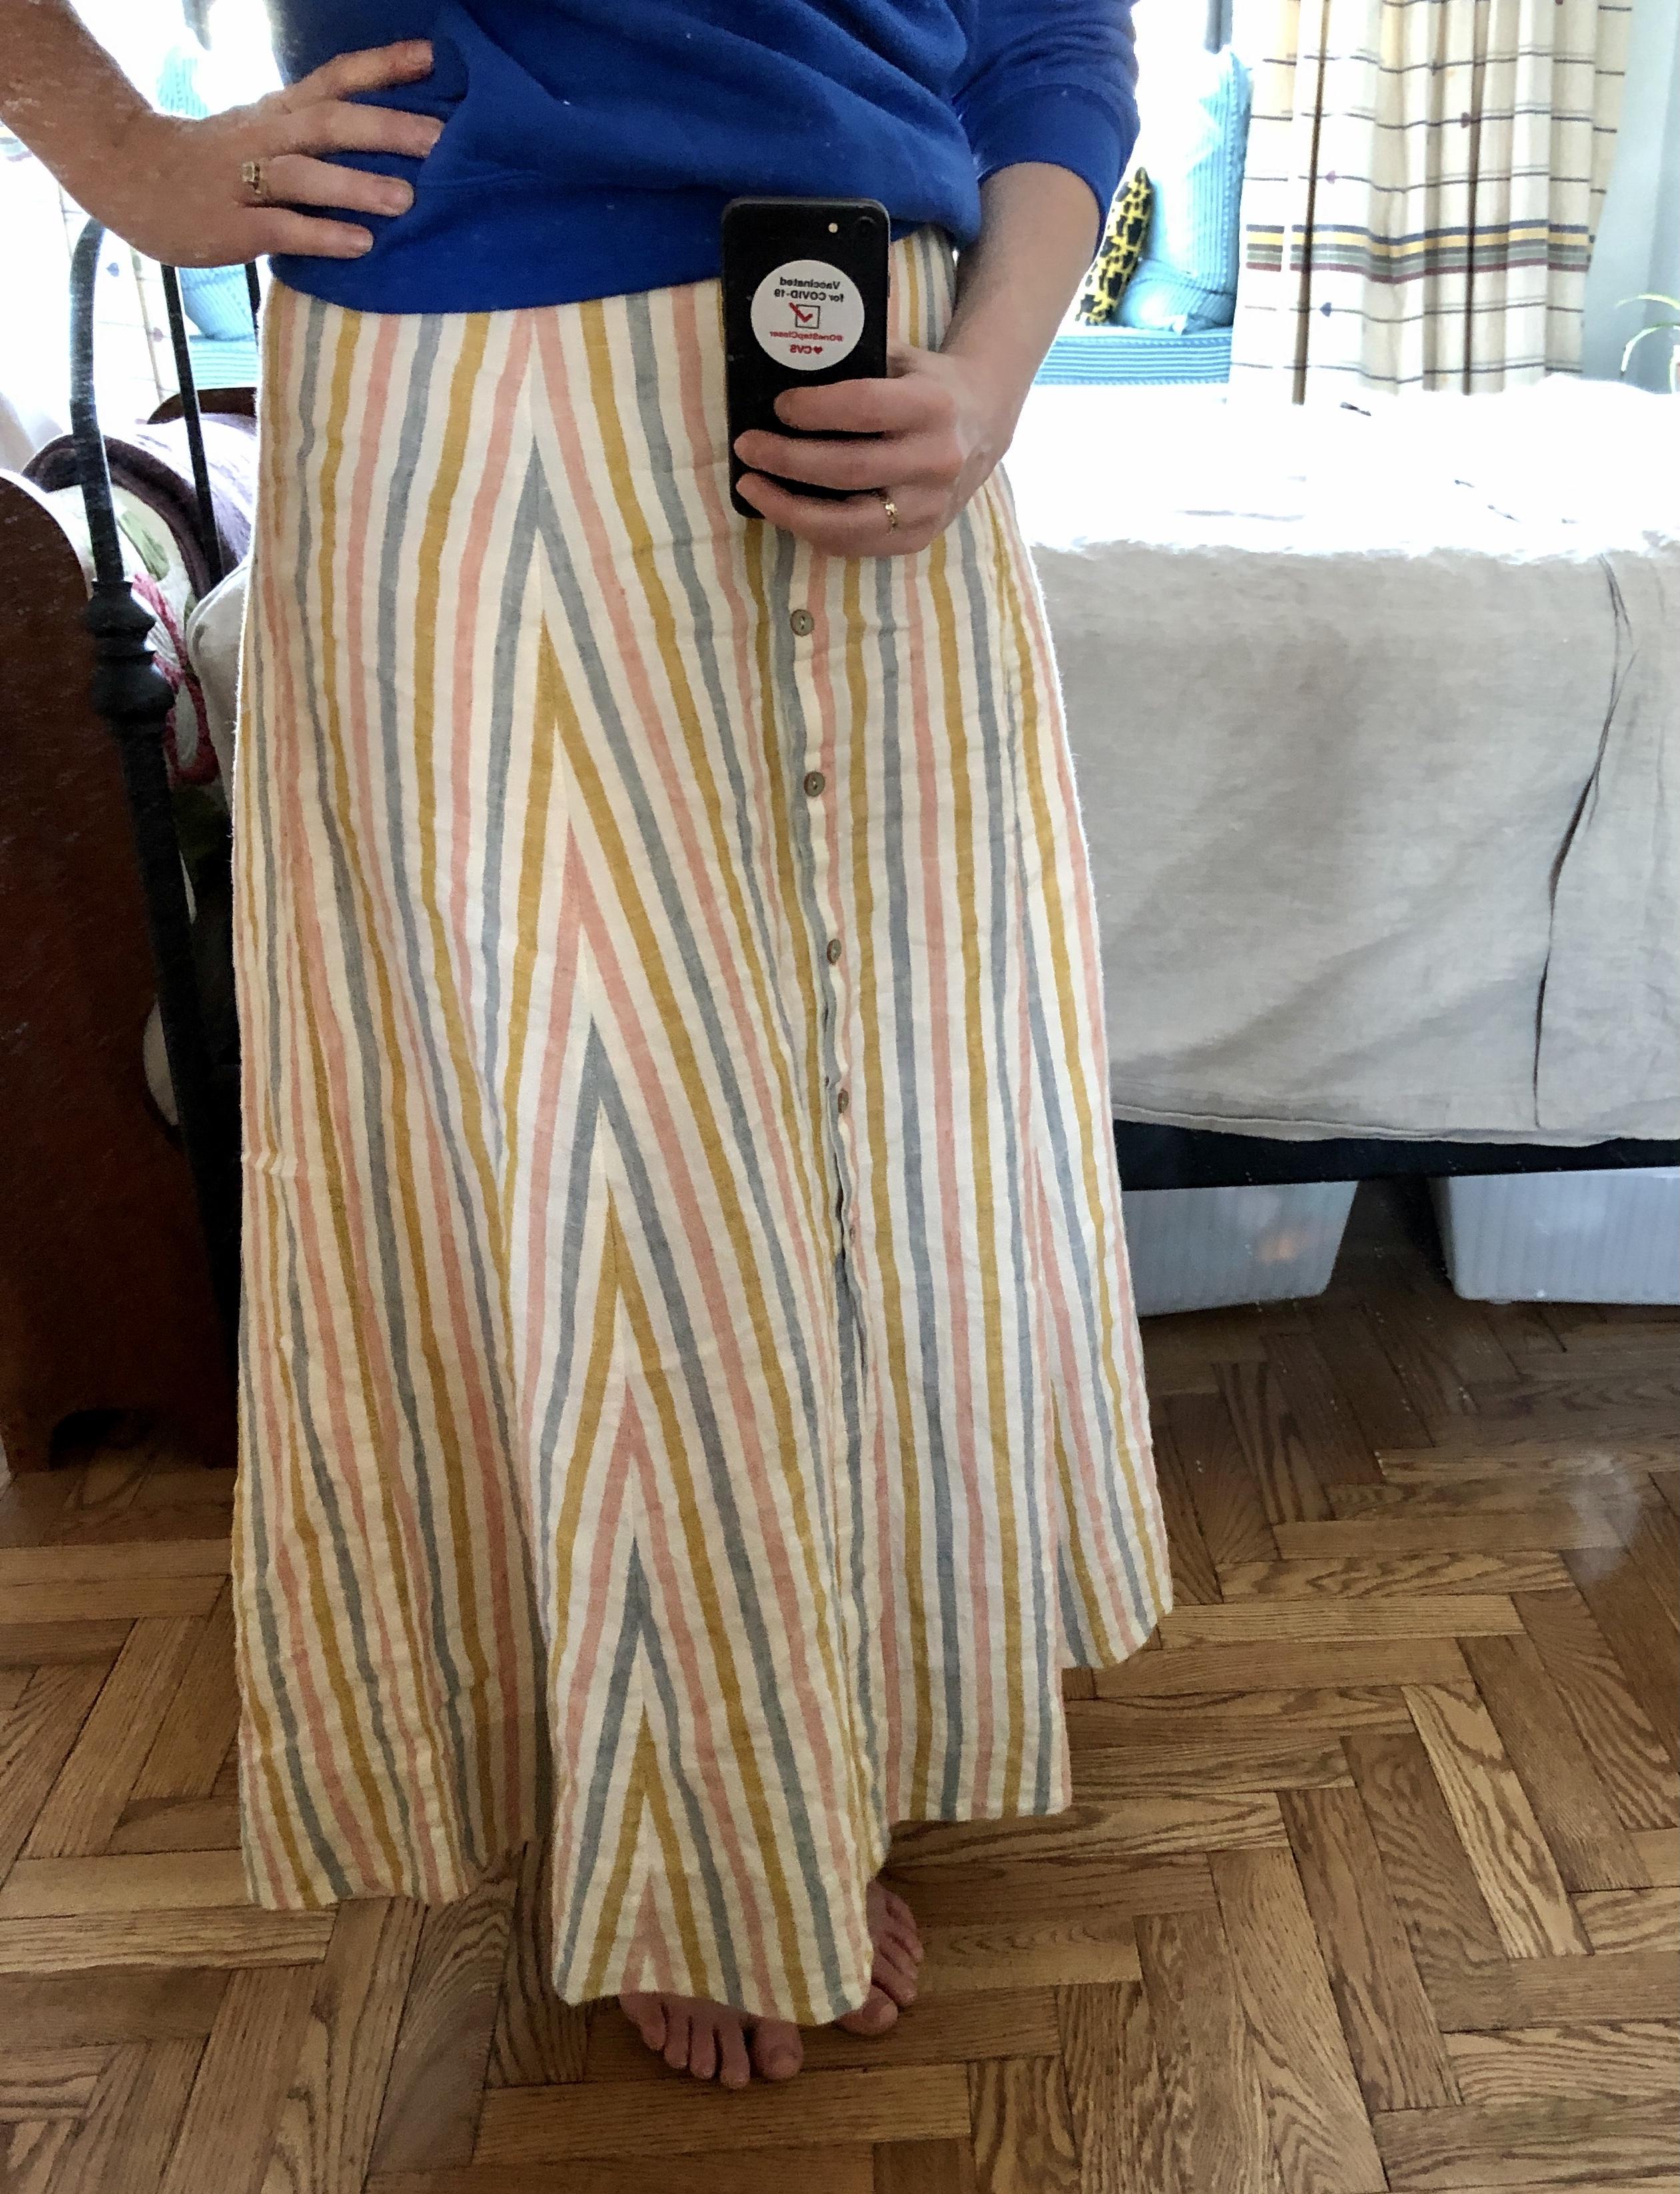 a selfie of a woman wearing a homemade striped skirt